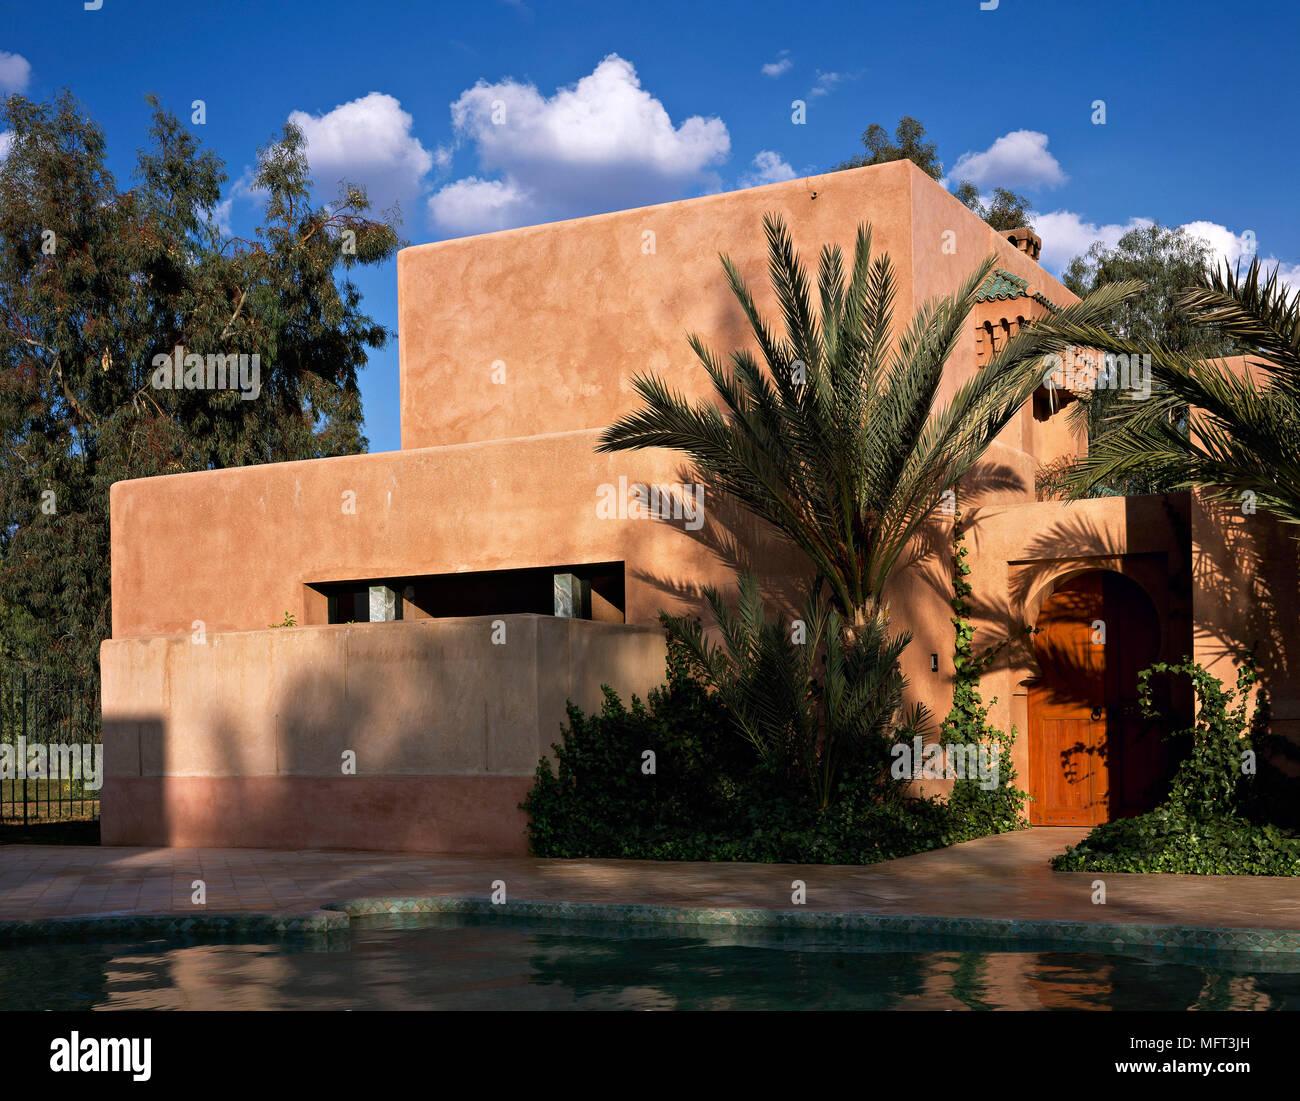 Maison marocaine palmiers extérieur extérieur moderne architecture Banque D'Images, Photo Stock ...